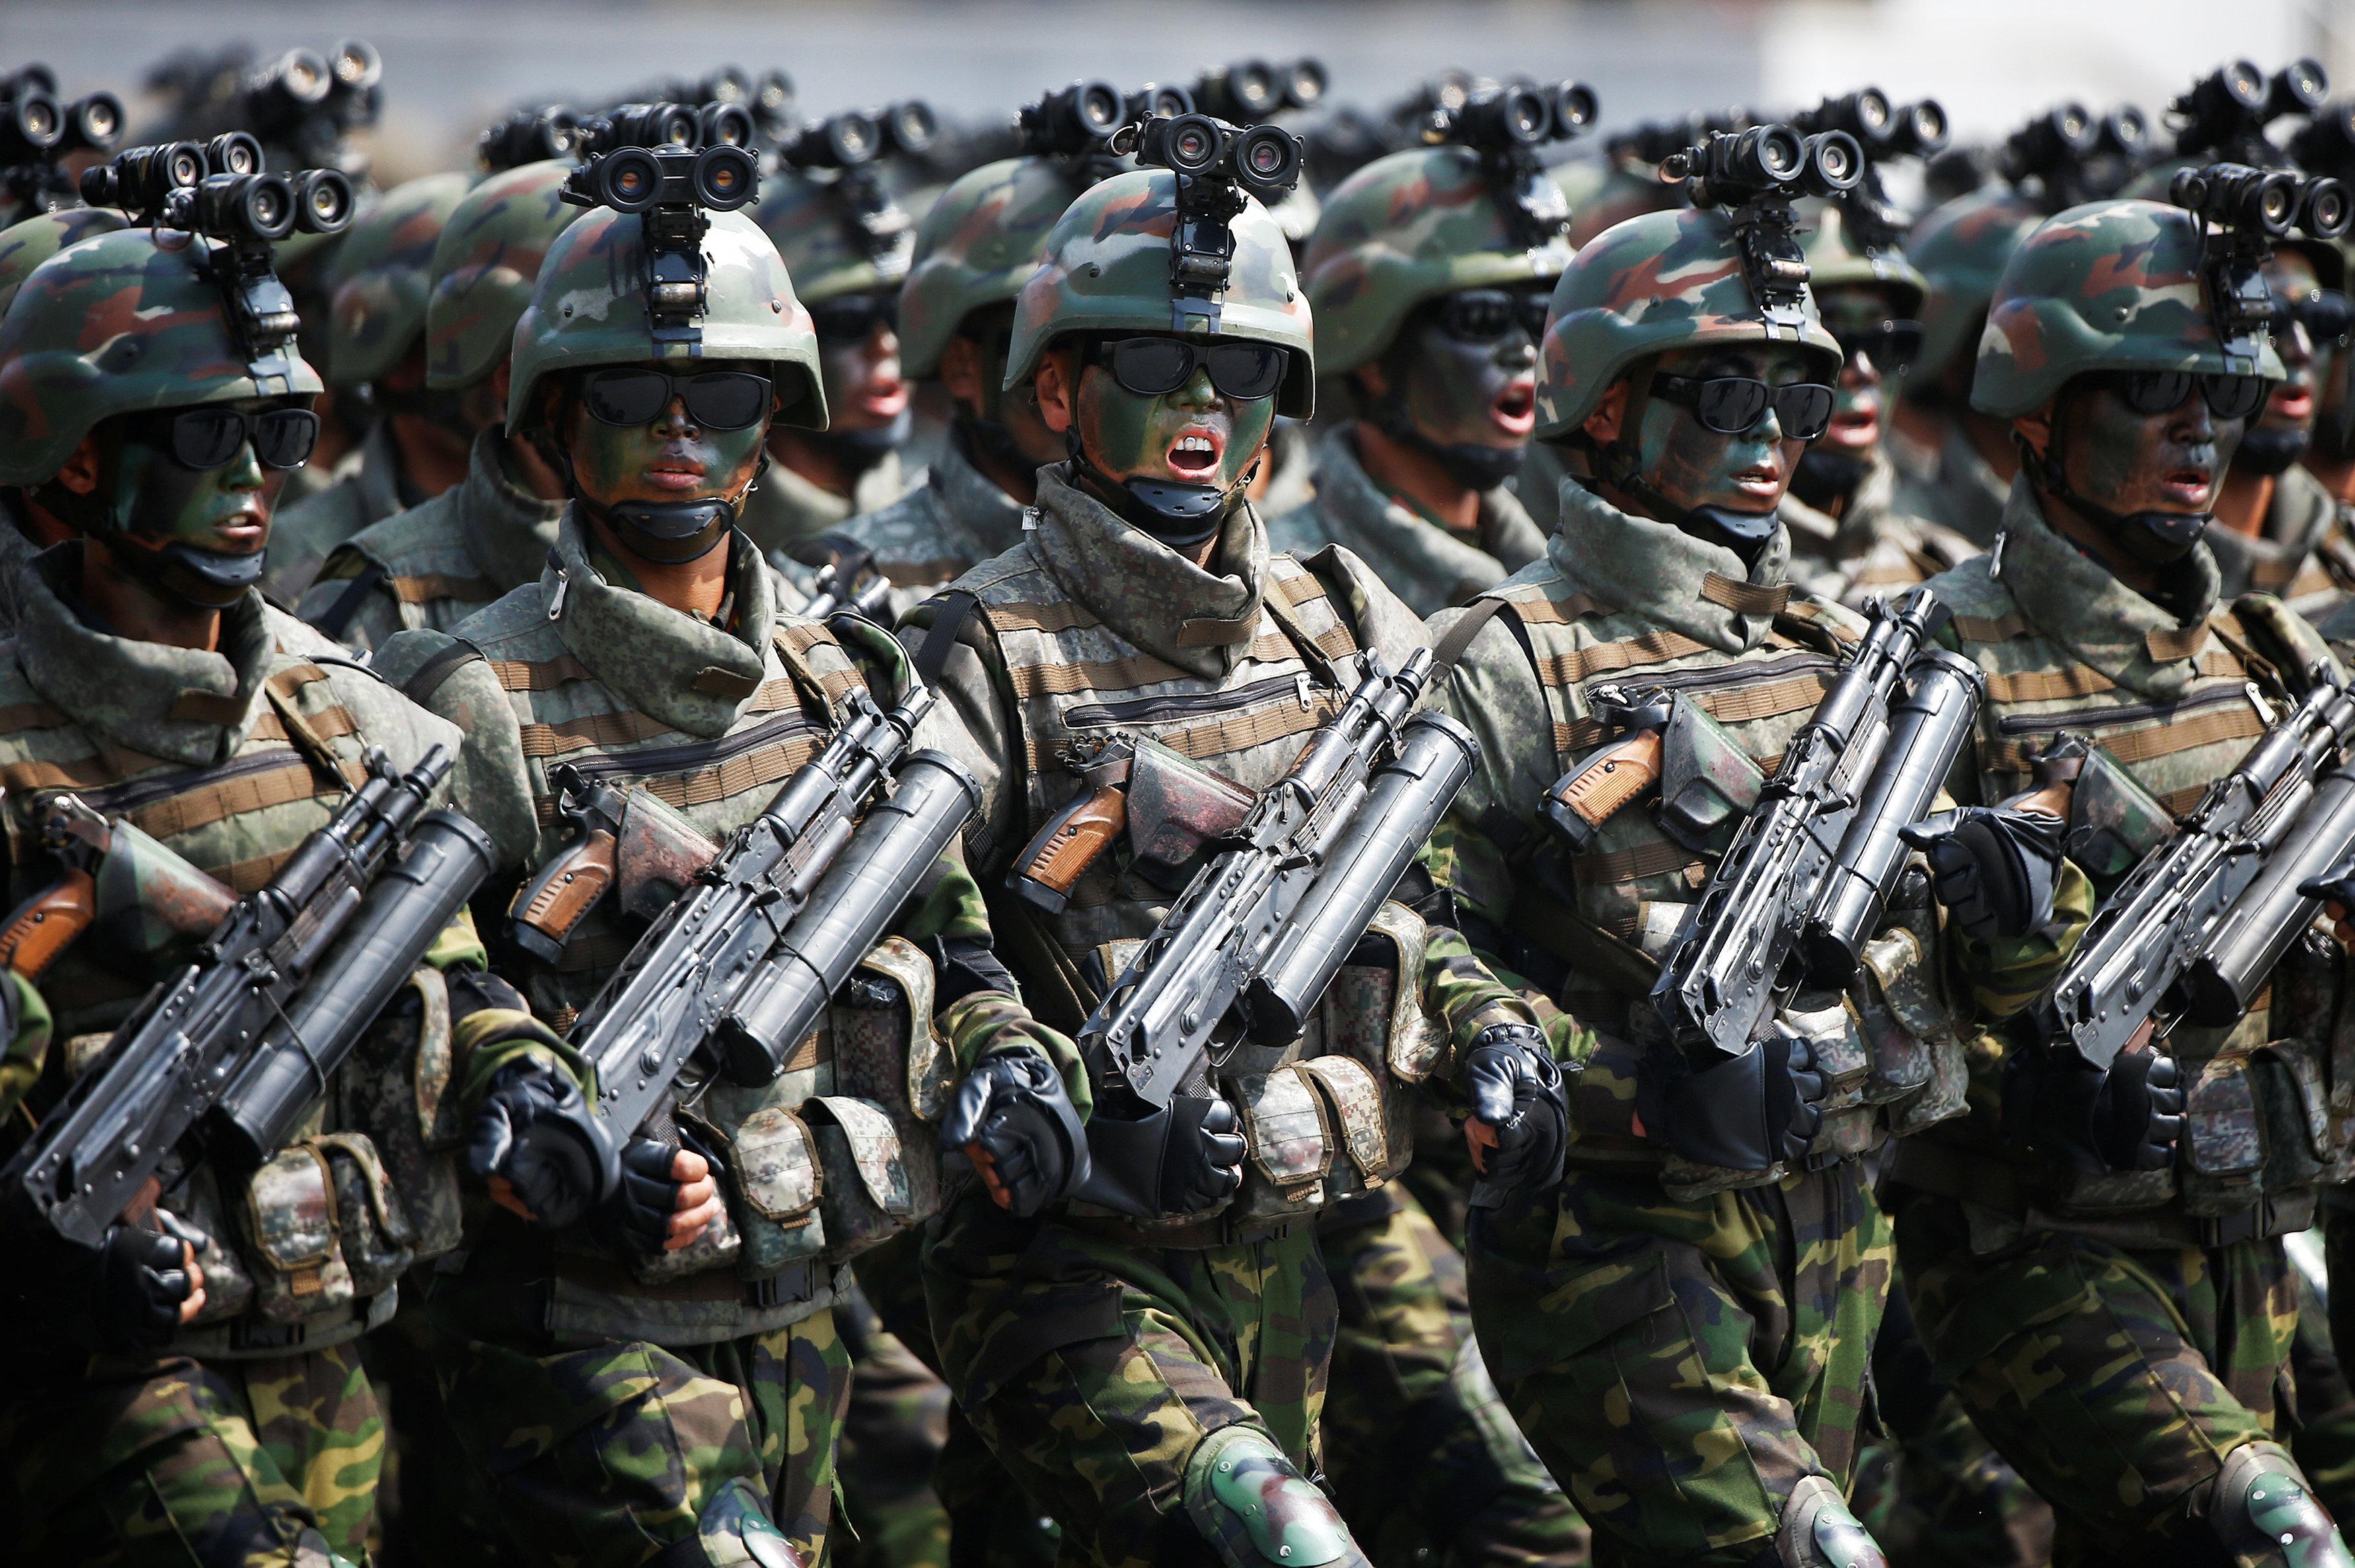 Des militaires marchant au cours du défilé en Corée du Nord